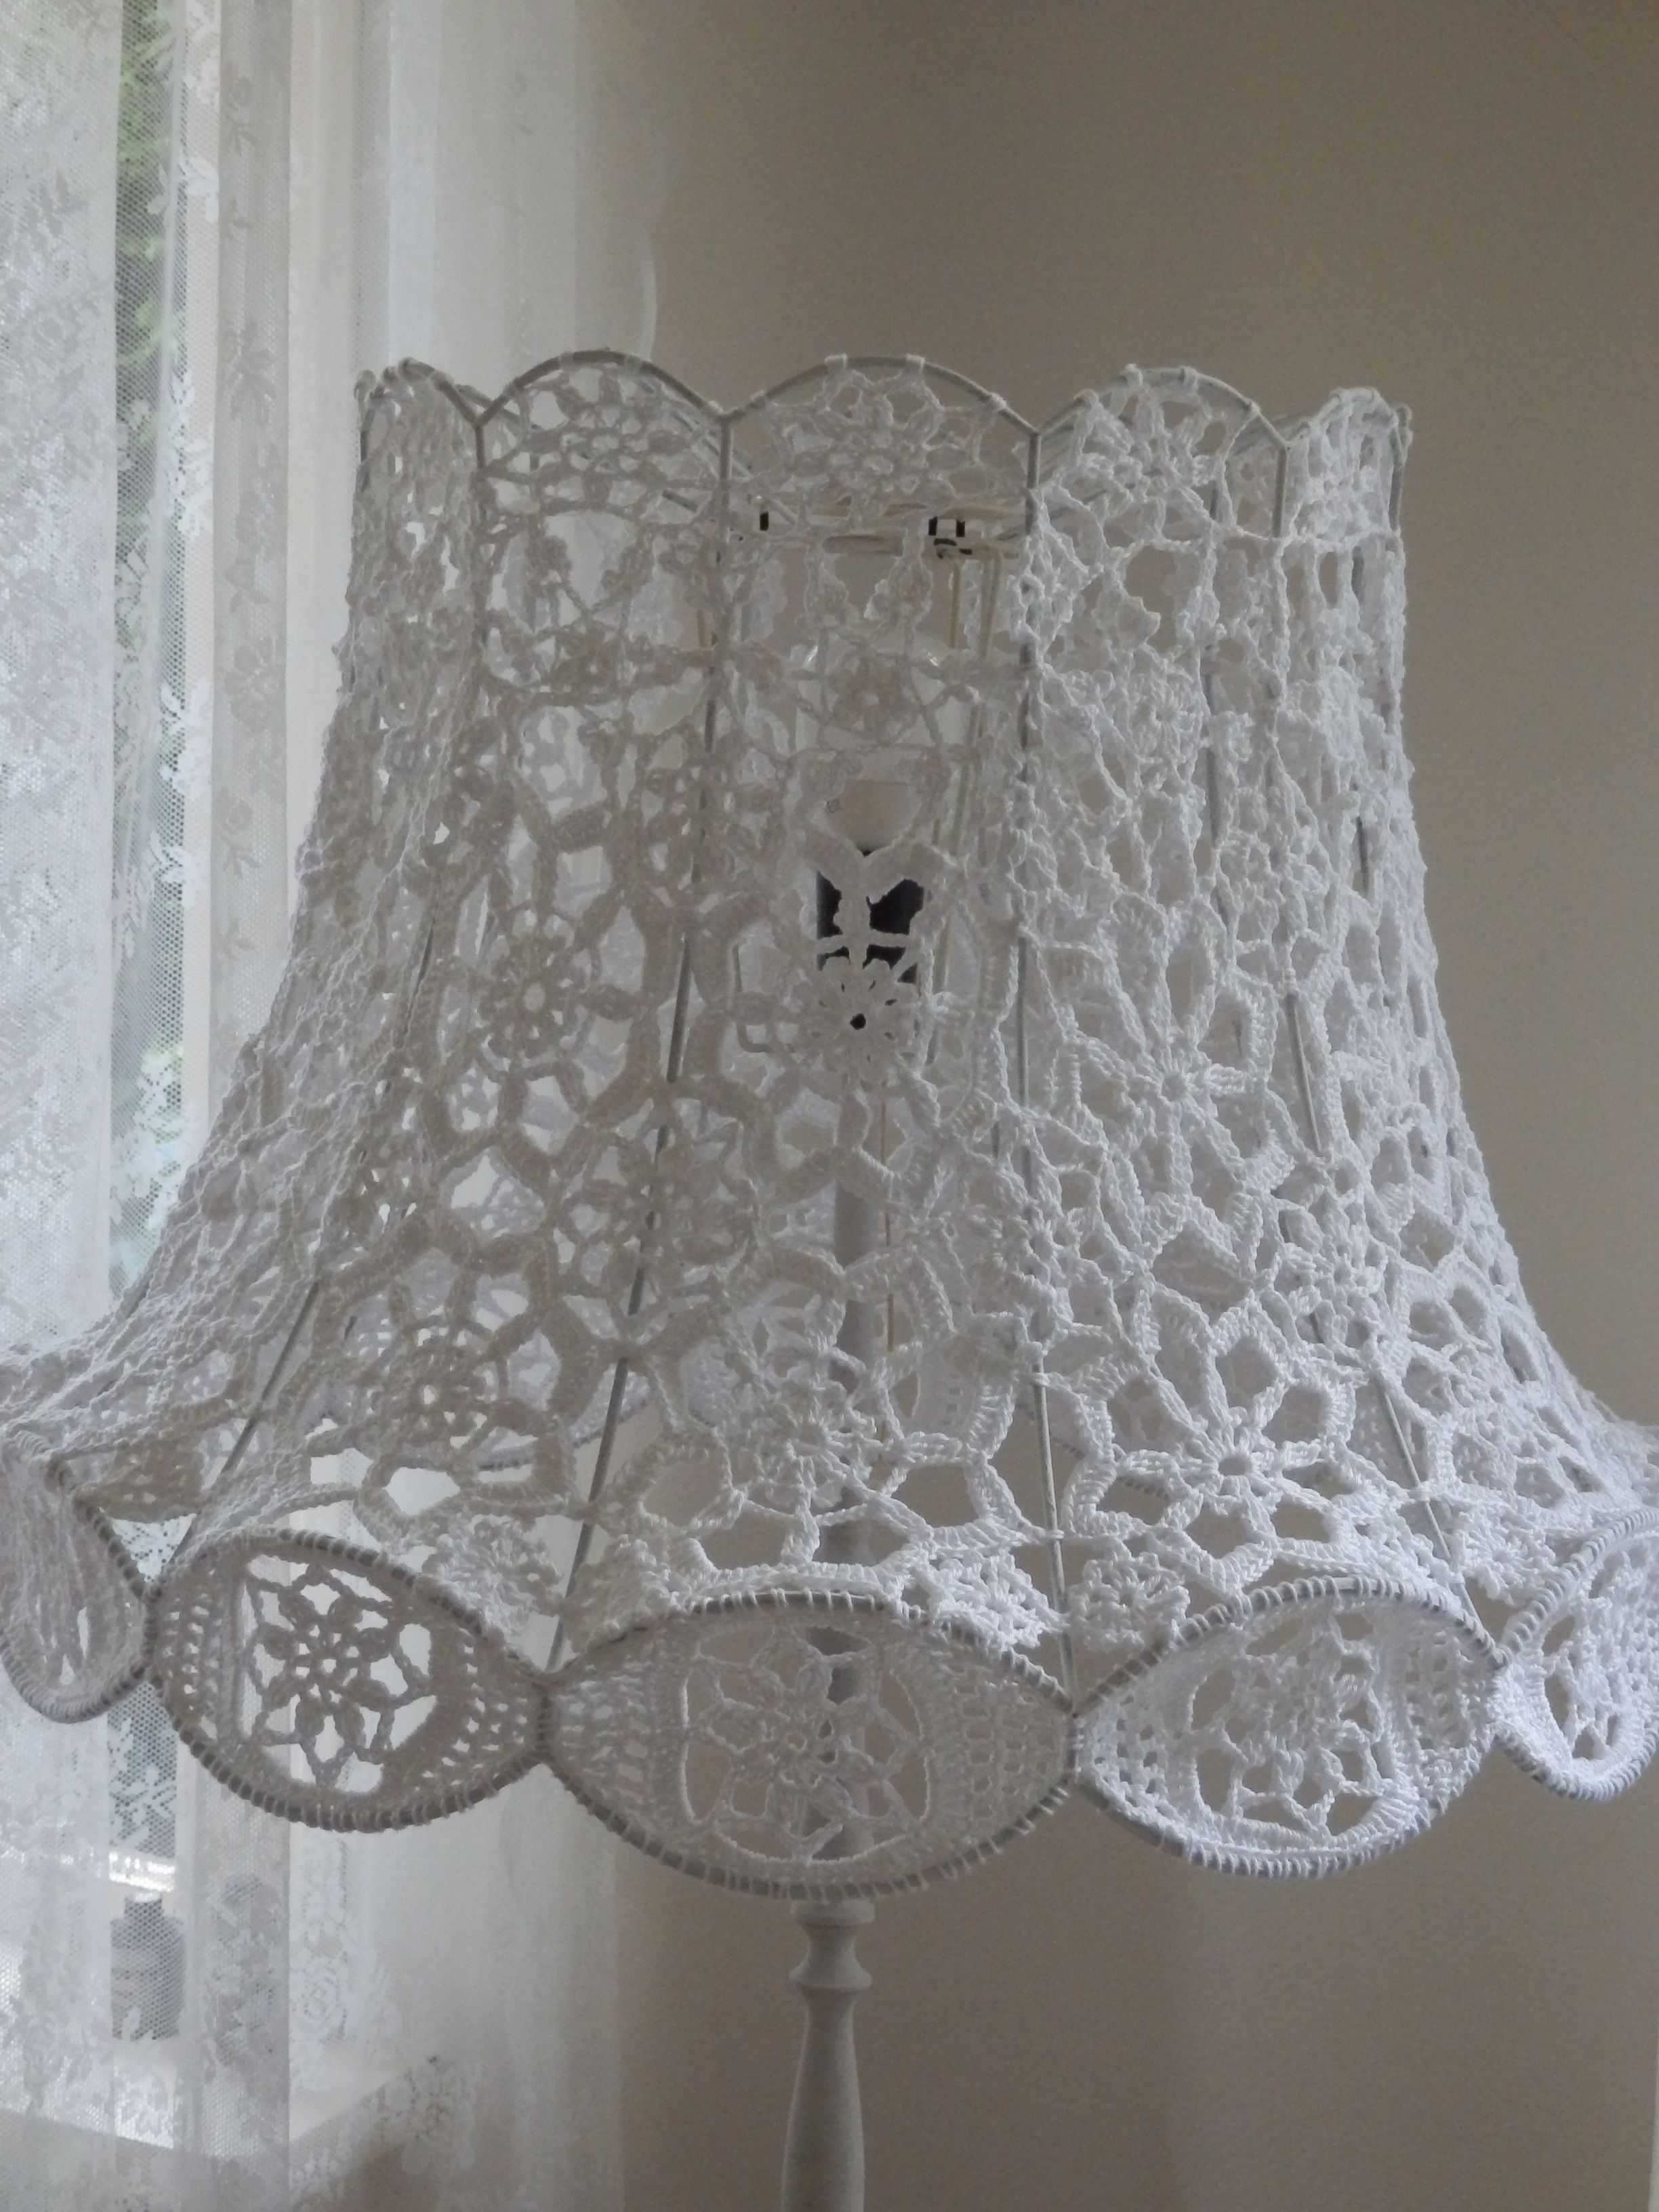 ed7e54229ed Crochet lamp. Gehaakte lamp. Mijn moeder maakte voor mij met witte ...